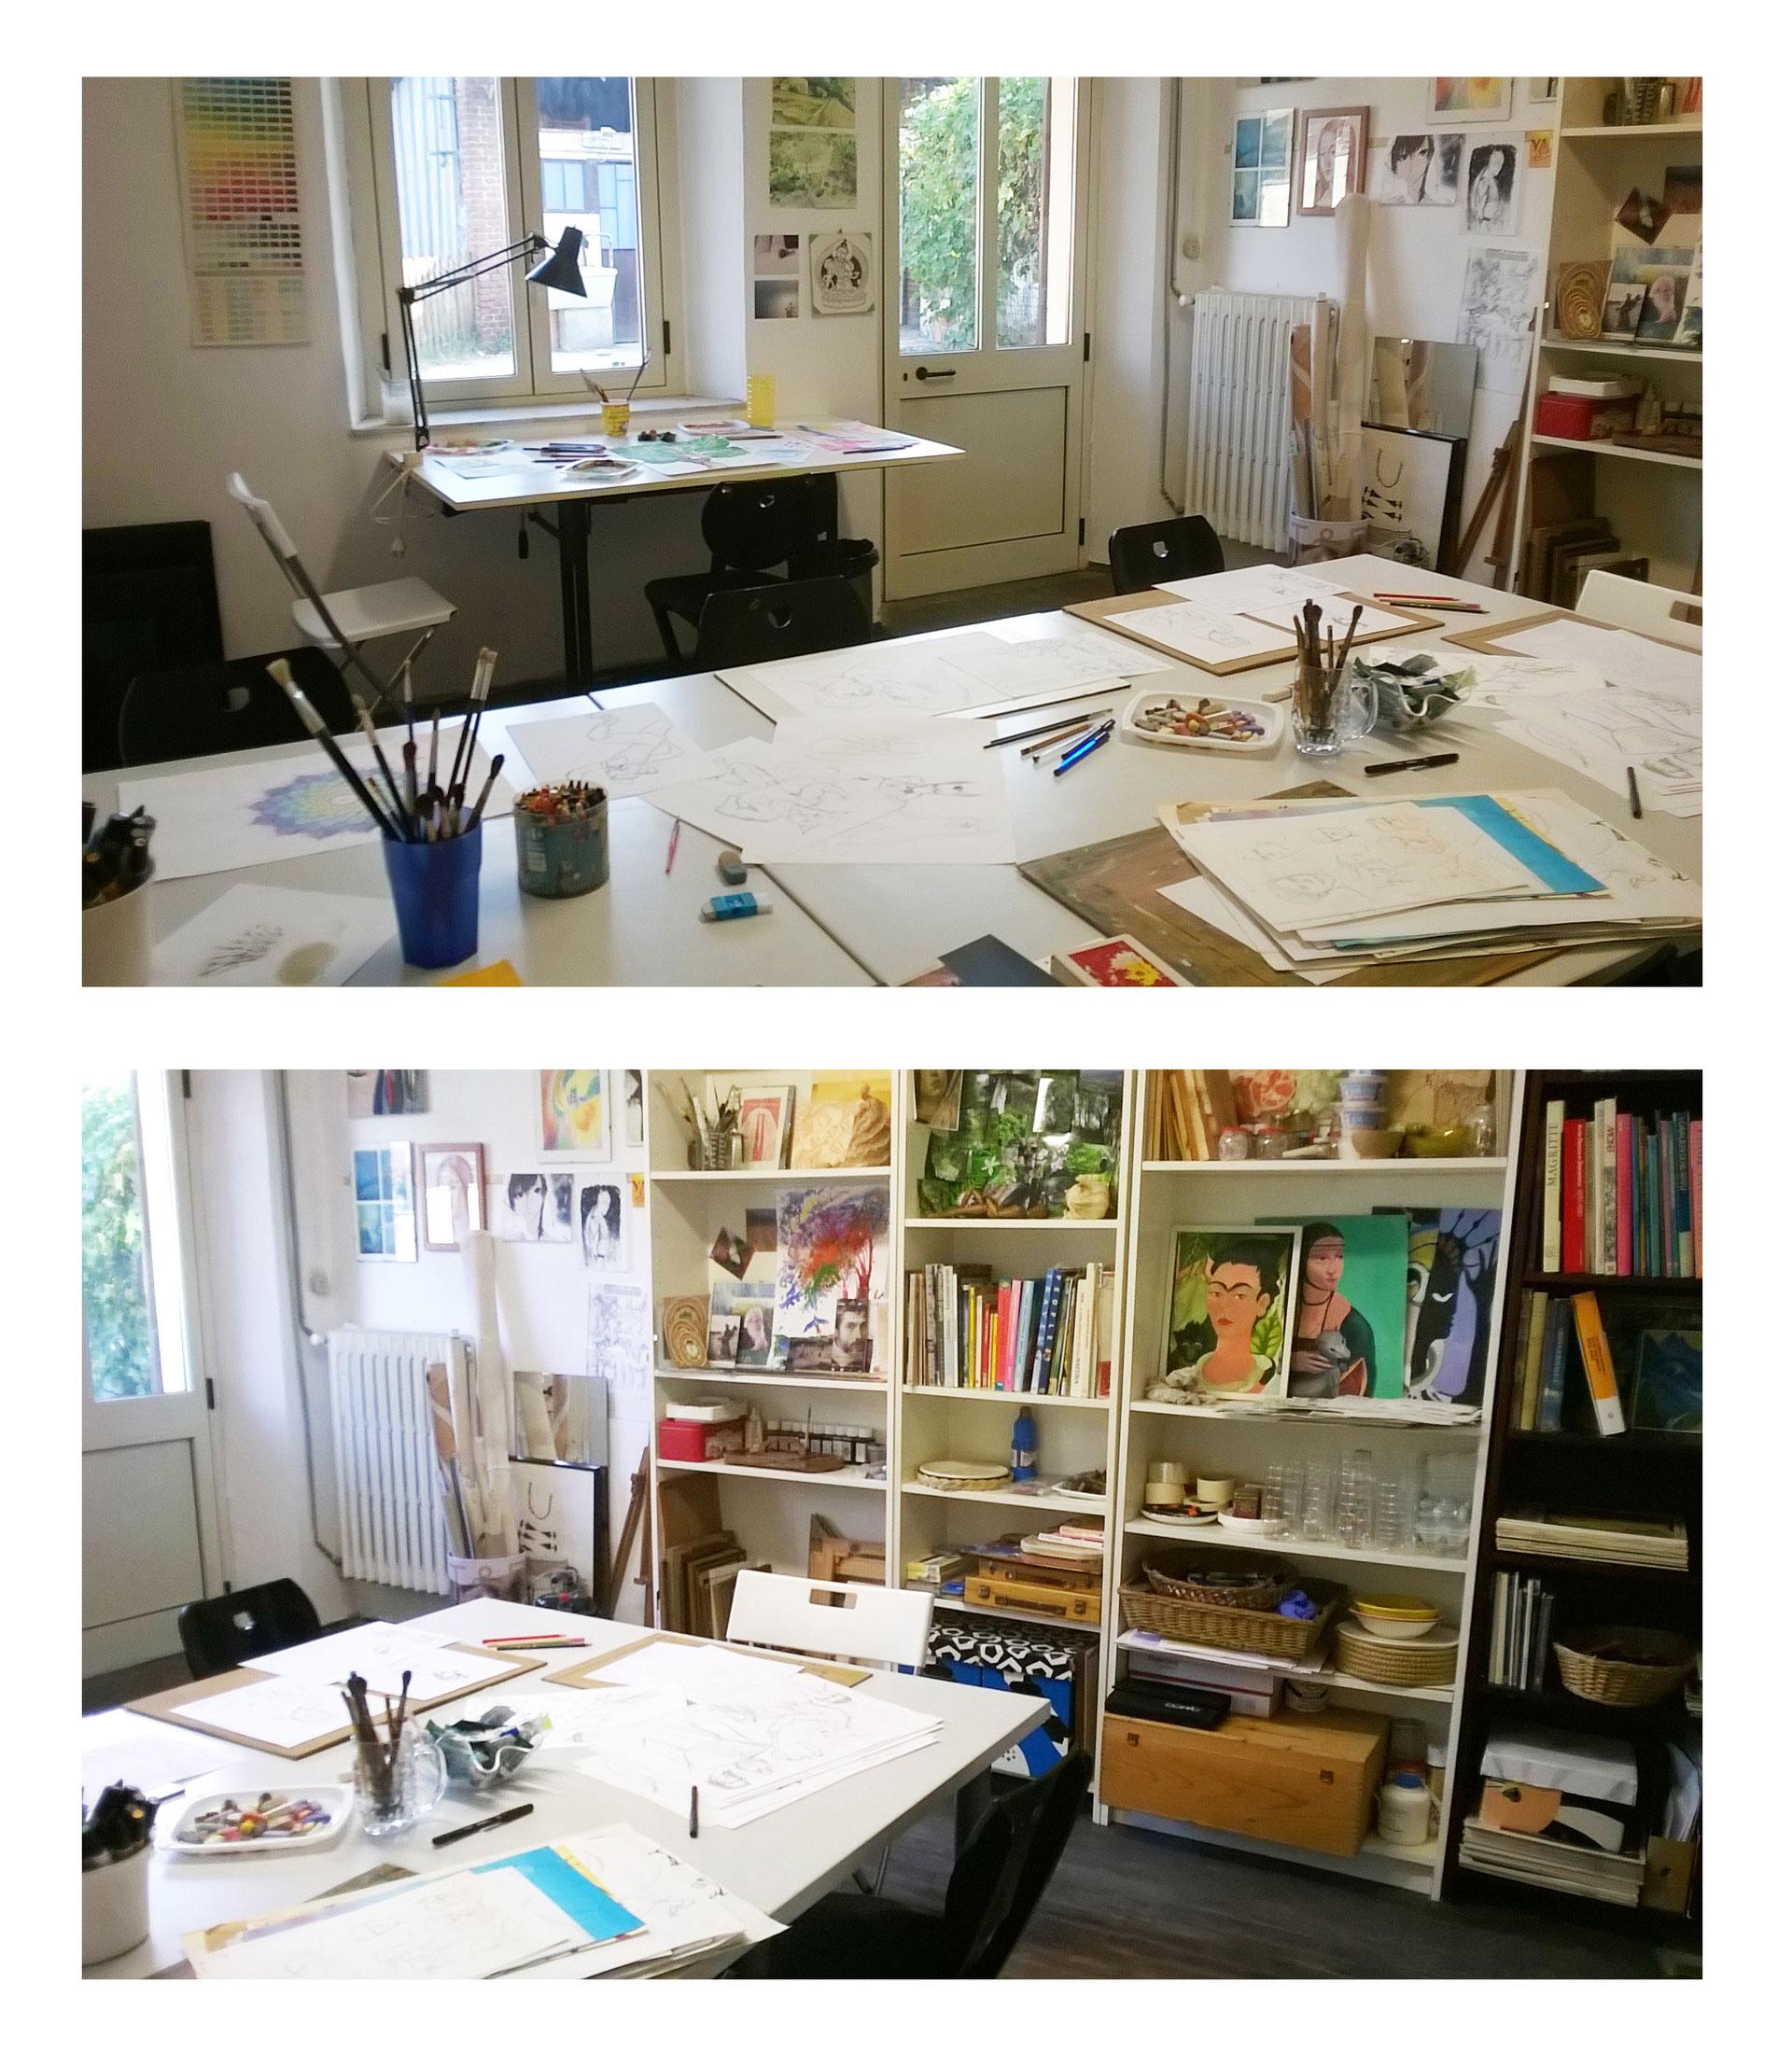 Home scuola d 39 arte yam - Corsi interior design torino ...